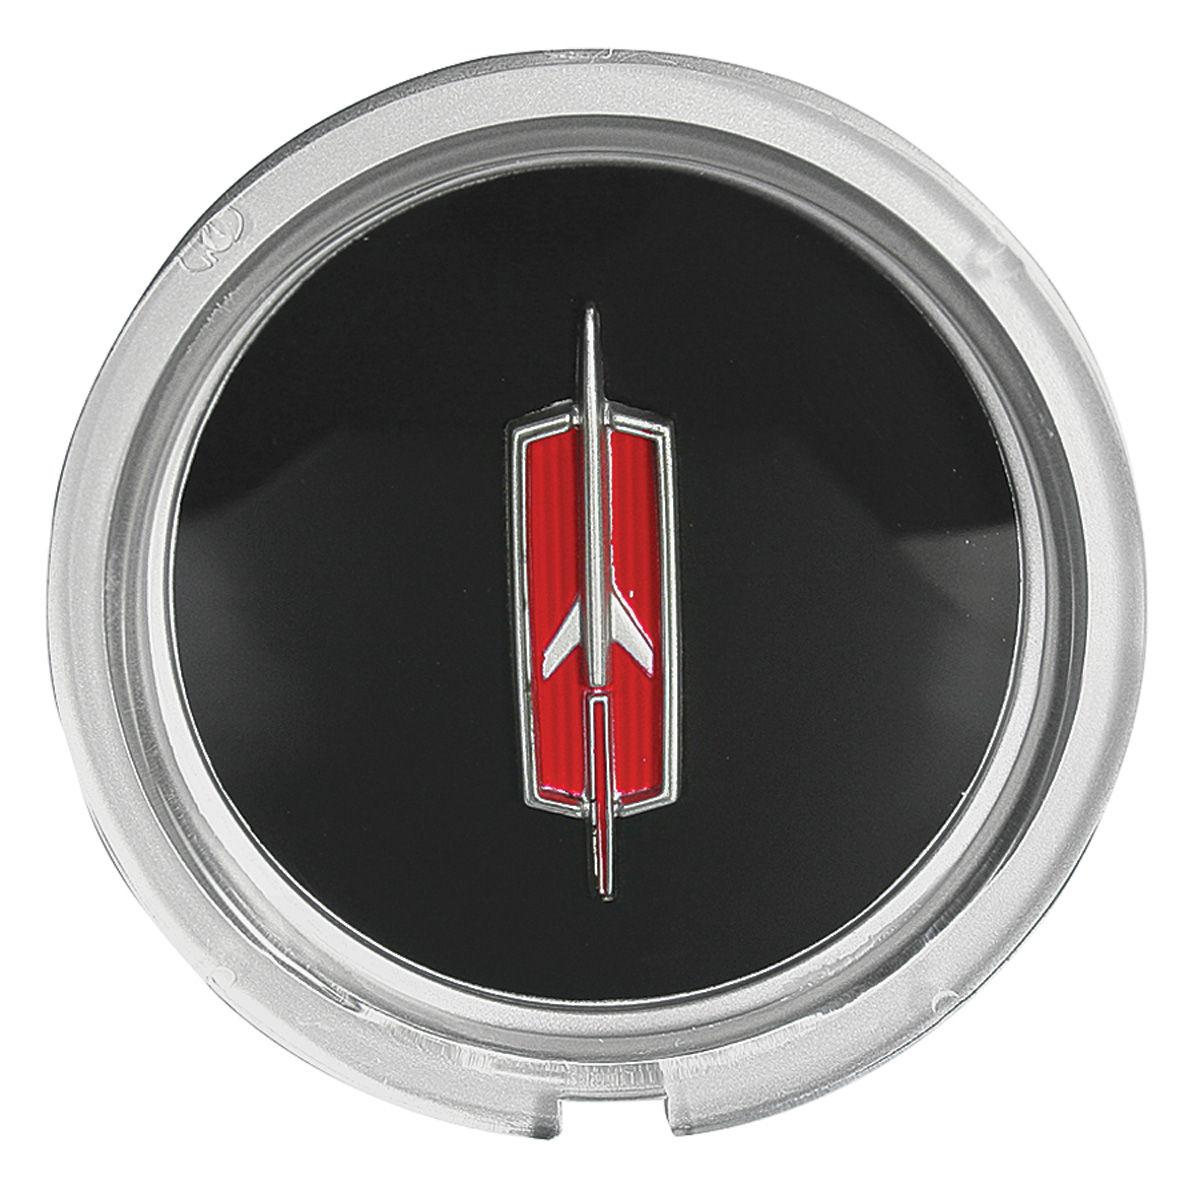 Trim Parts Cutlass 442 Steering Wheel Horn Button Emblem